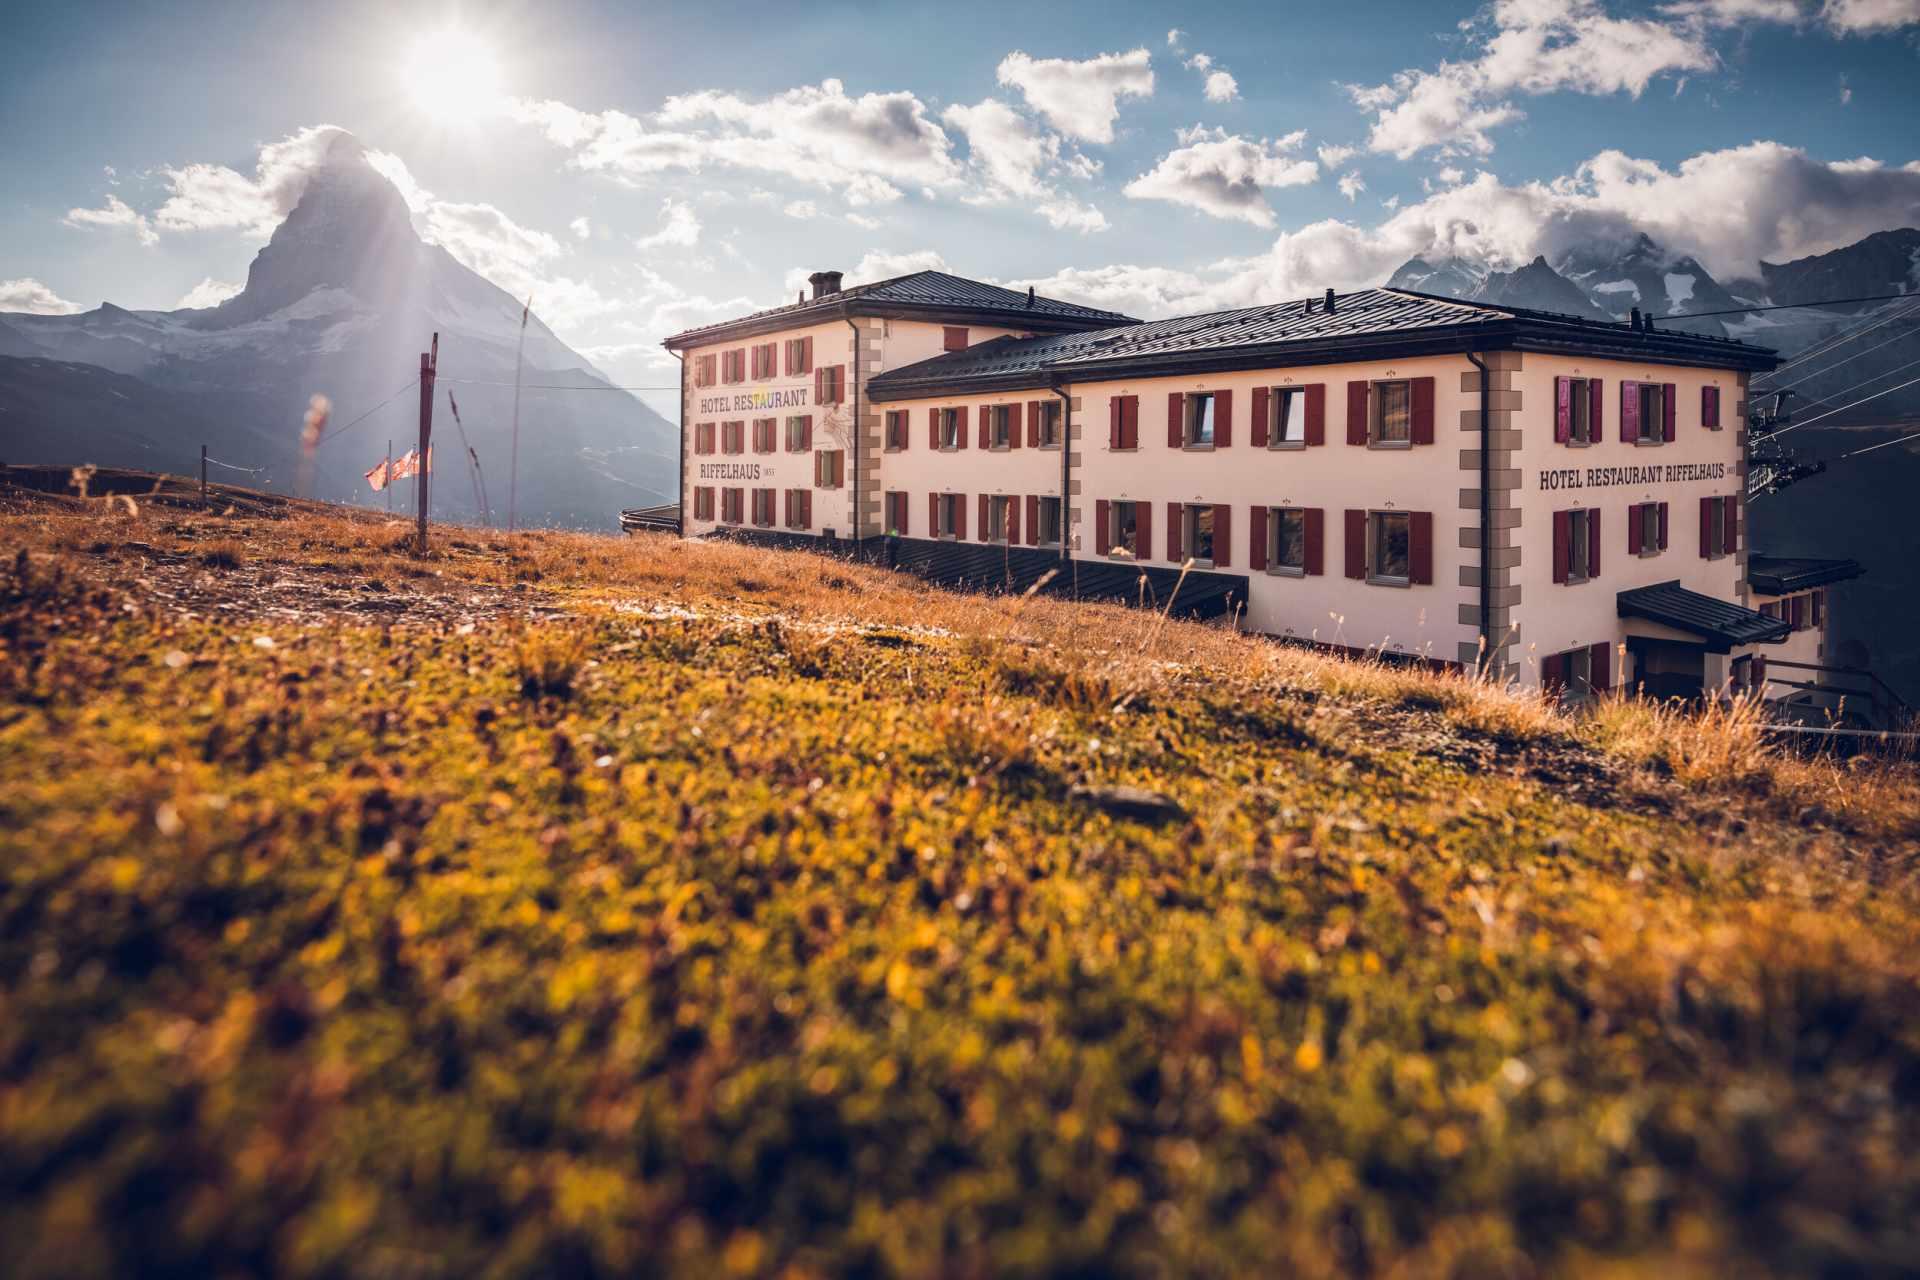 Hotel Restaurant Riffelhaus sur le Riffelberg au-dessus de Zermatt en été